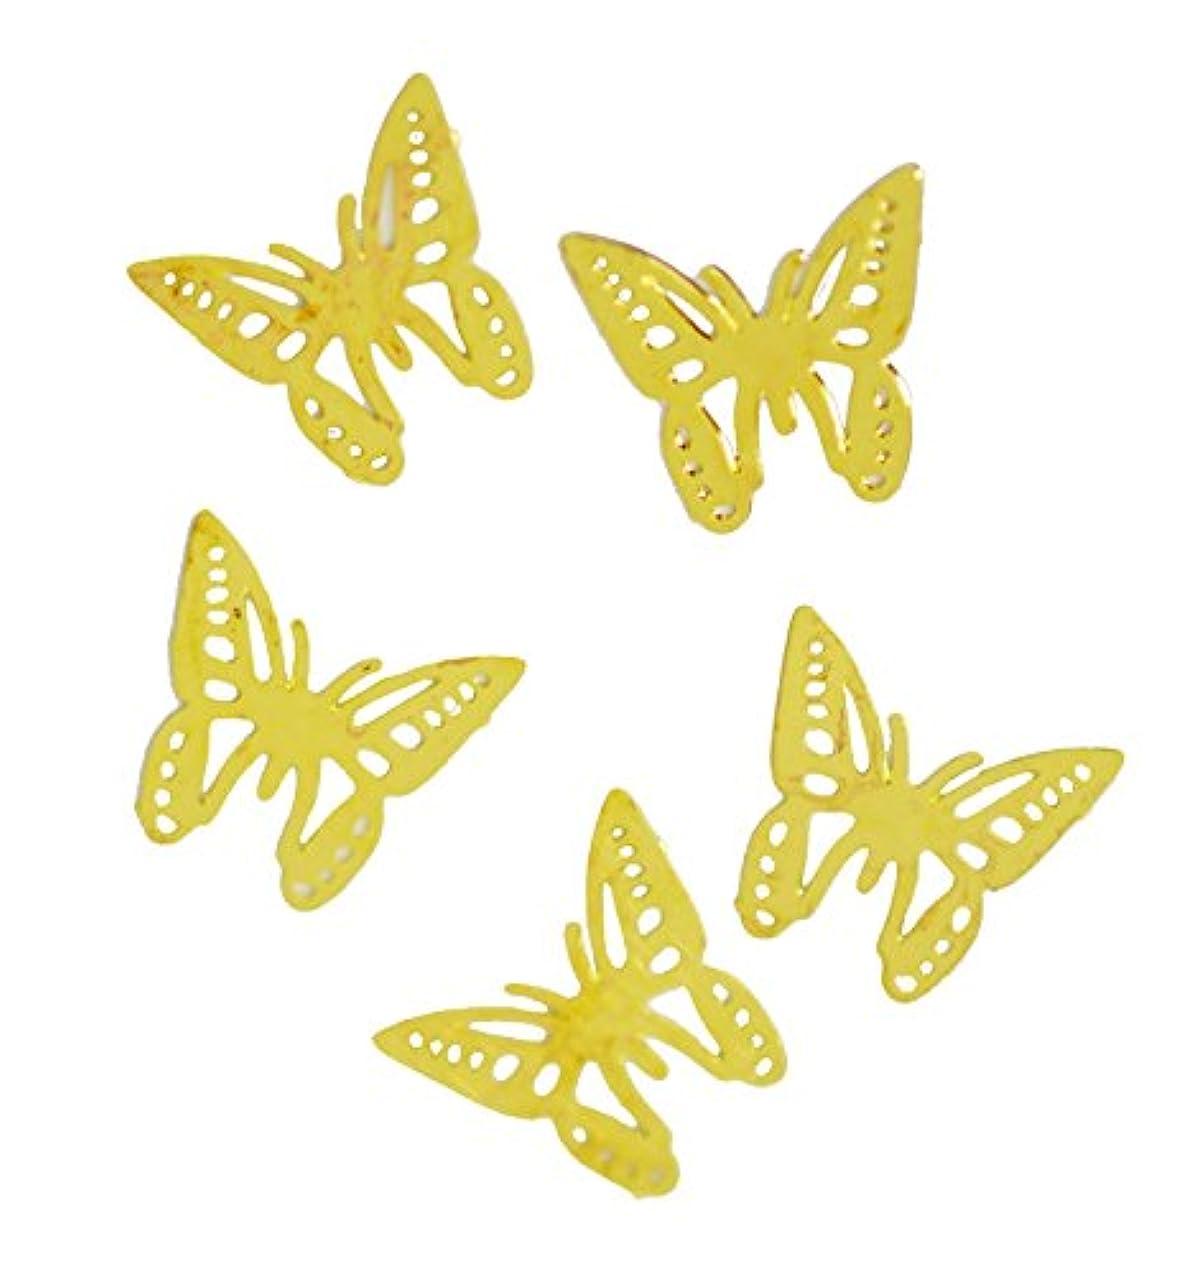 ヨーロッパ思い出す軽減薄型メタルパーツ バタフライ アゲハ蝶 6×6mm ゴールド 30p入り